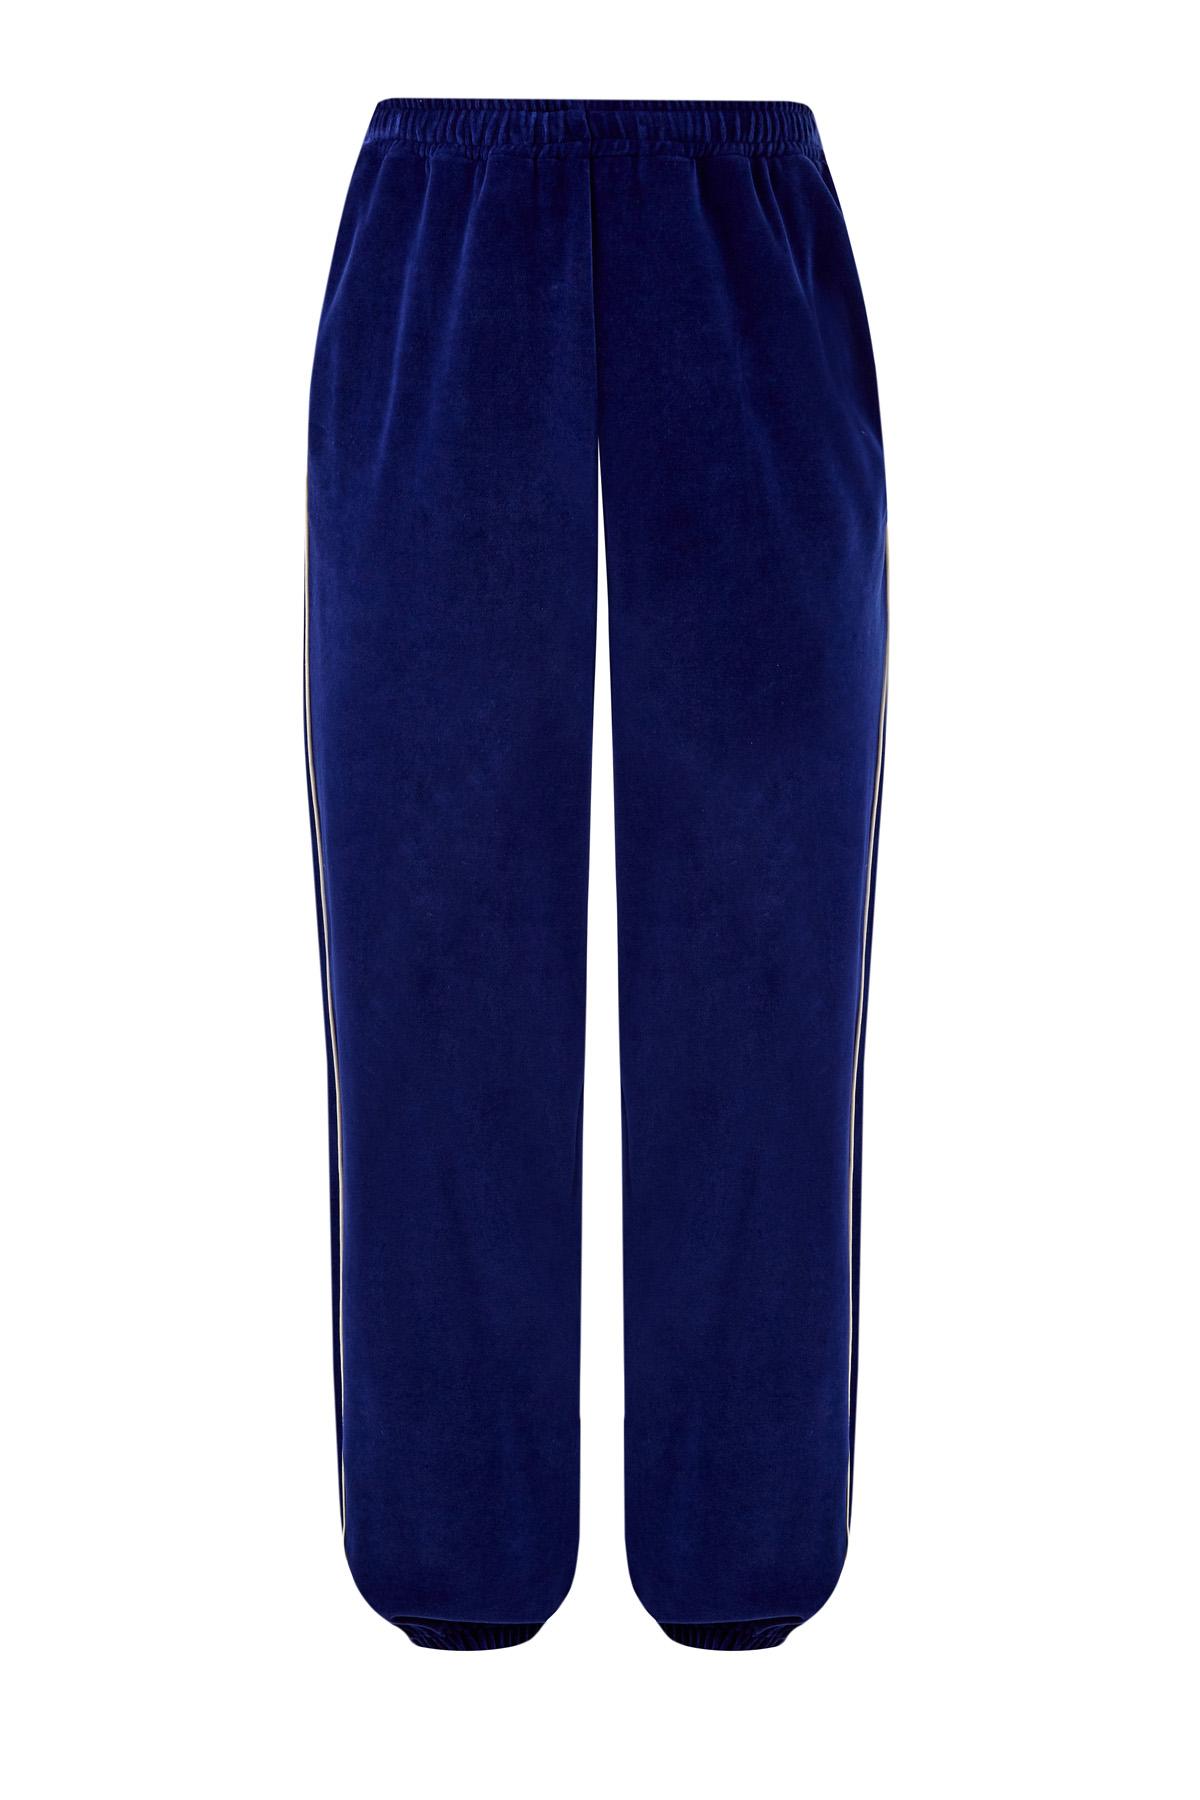 Объемные брюки-джоггеры из бархатного шенилла фото